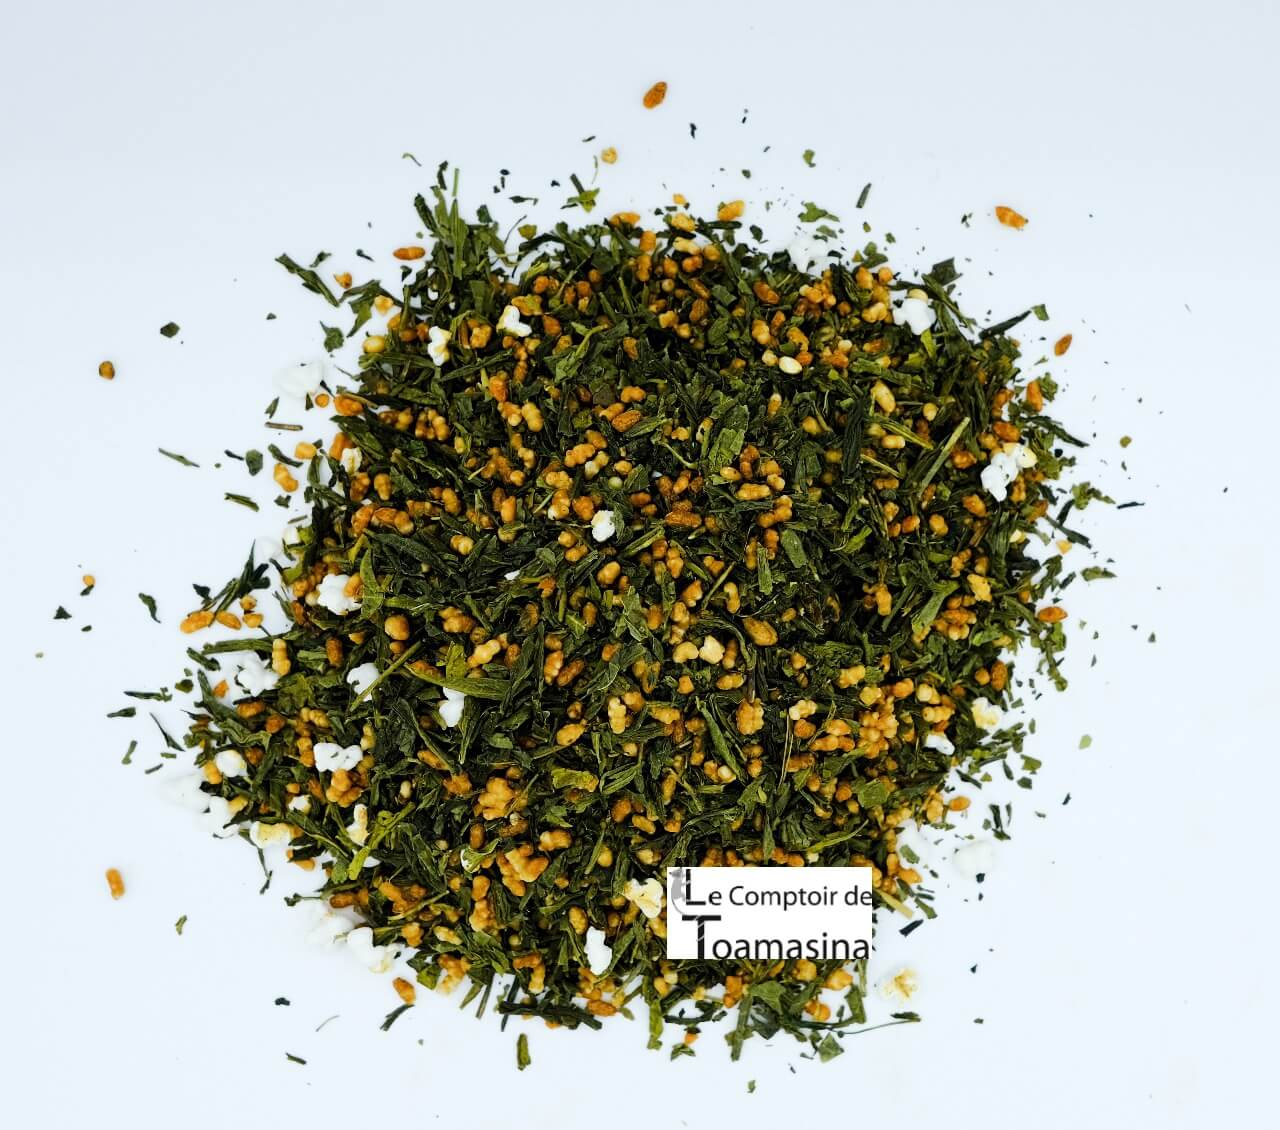 Acheter un thé vert genmaicha